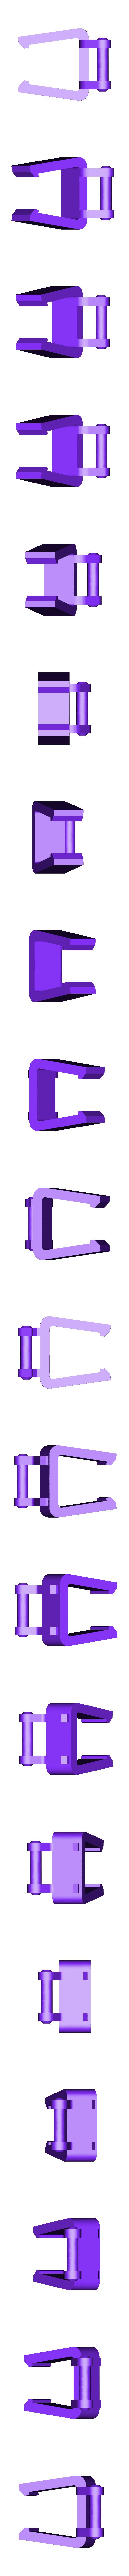 LegT2_Left_07_OliveGreen.stl Download STL file Heavy Gun Walker • 3D print design, Jwoong